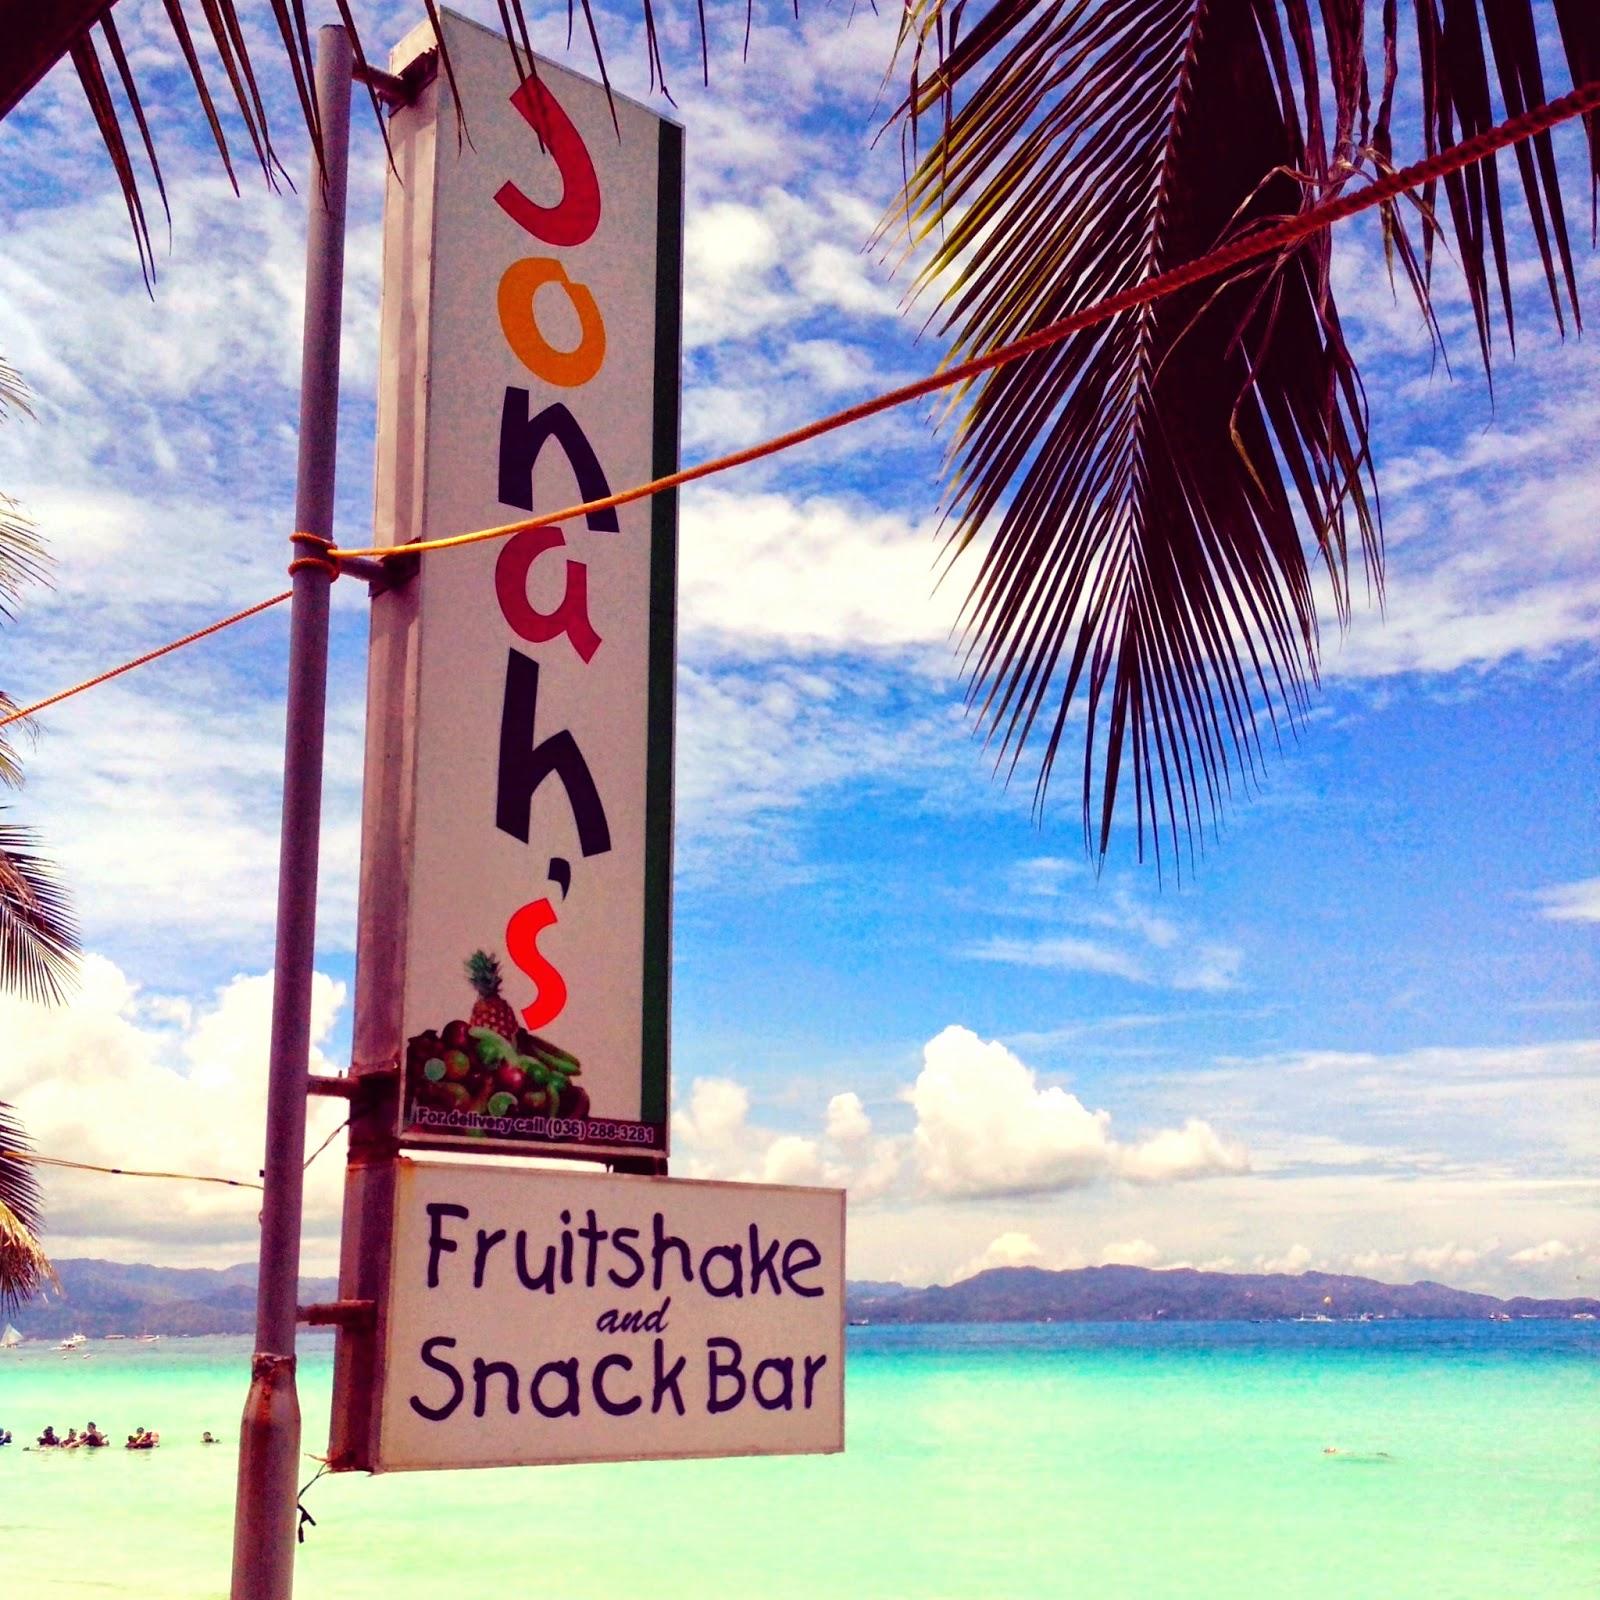 jonah's fruitshake boracay